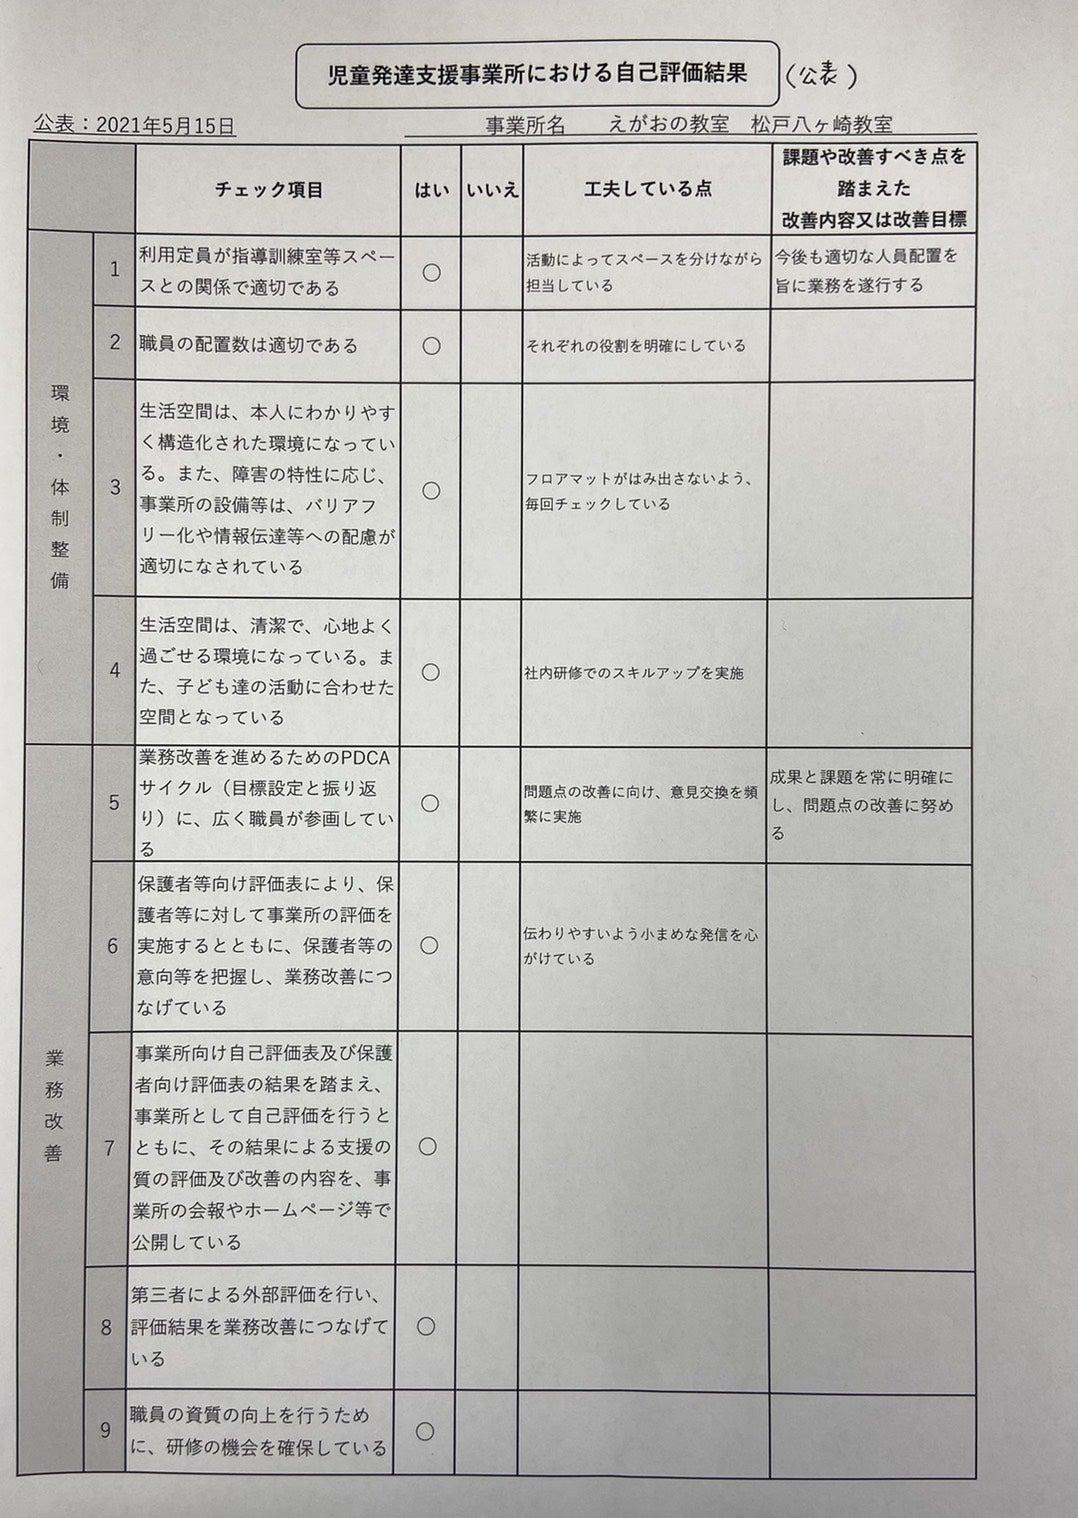 児童発達事業所における自己評価結果公表【松戸八ヶ崎教室】